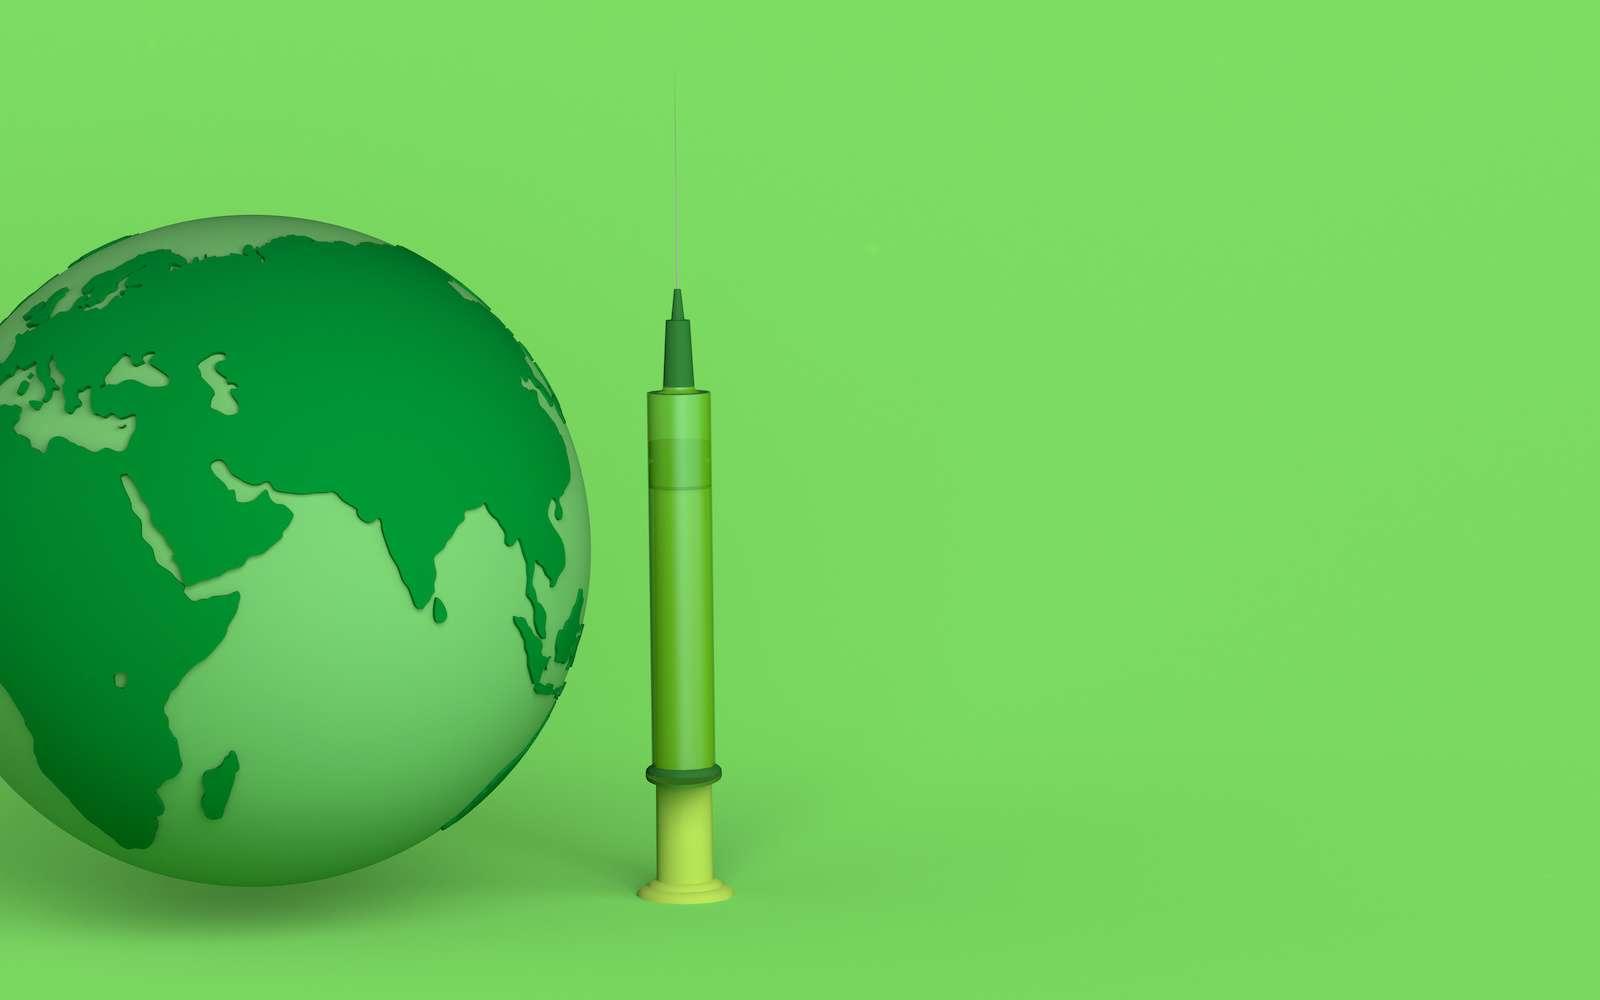 Un vaccin universel contre la grippe protègerait d'une pandémie mondiale. © ro9drigo, Adobe Stock